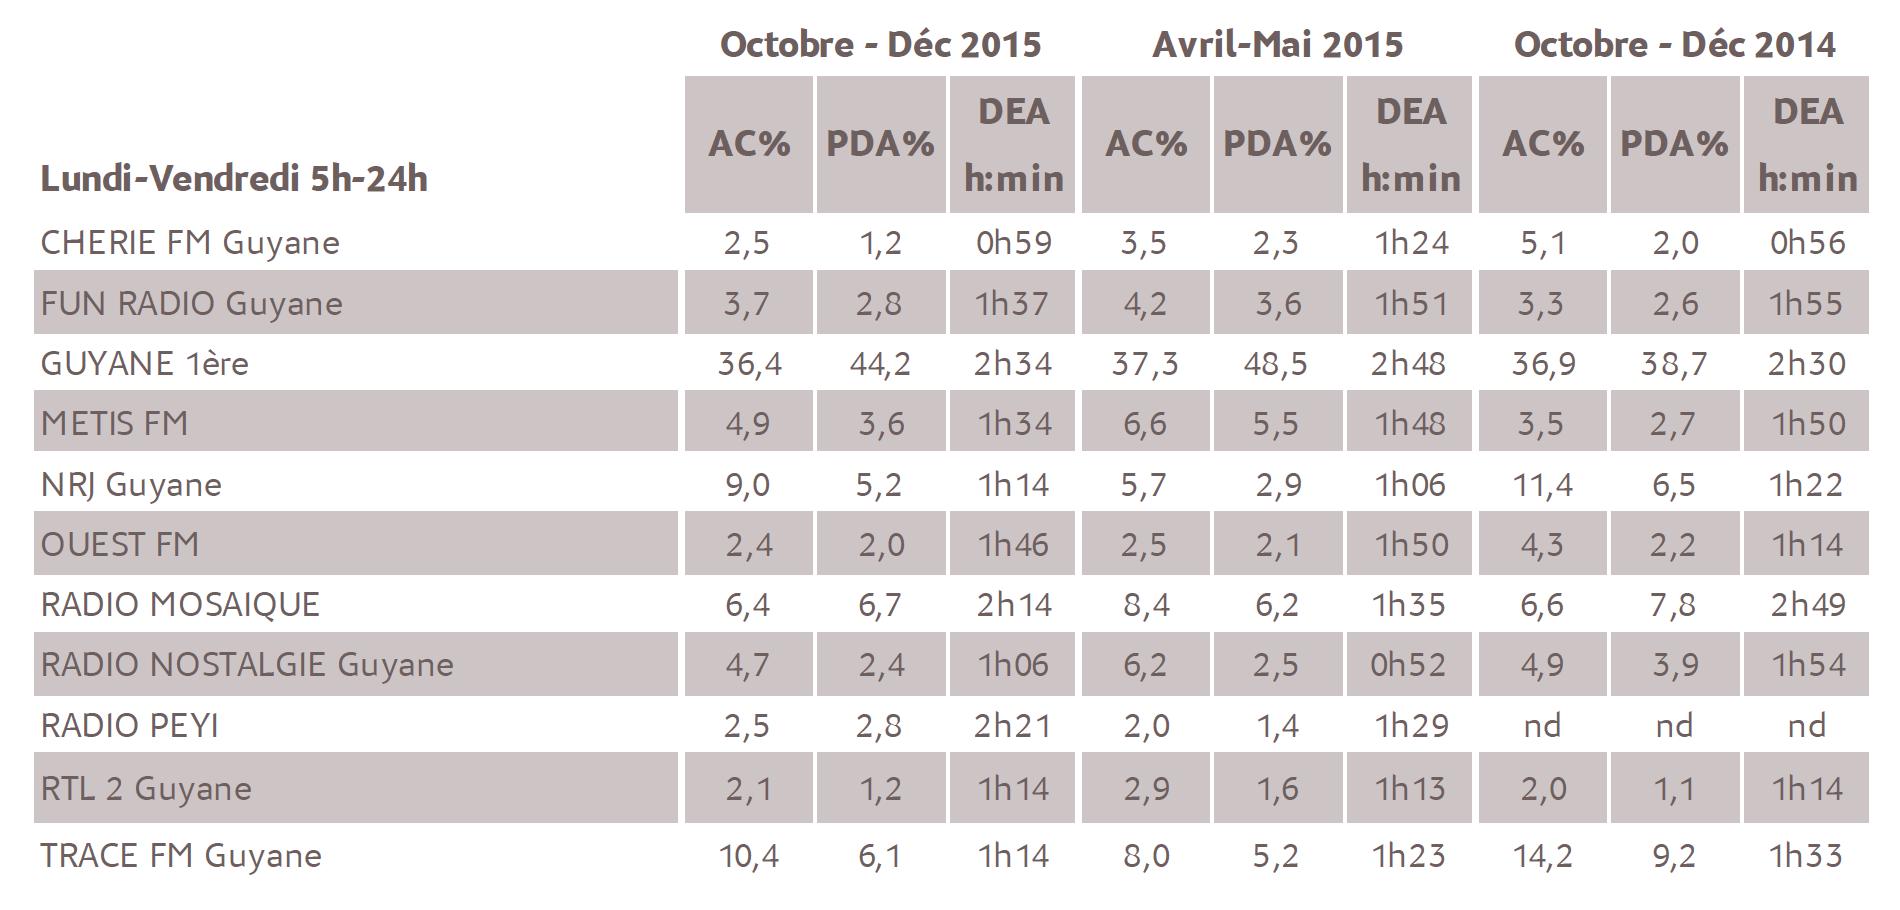 Source : Médiamétrie - Métridom Guyane – Vague Octobre-Décembre 2015 - 13 ans et plus - Copyright Médiamétrie - Tous droits réservés